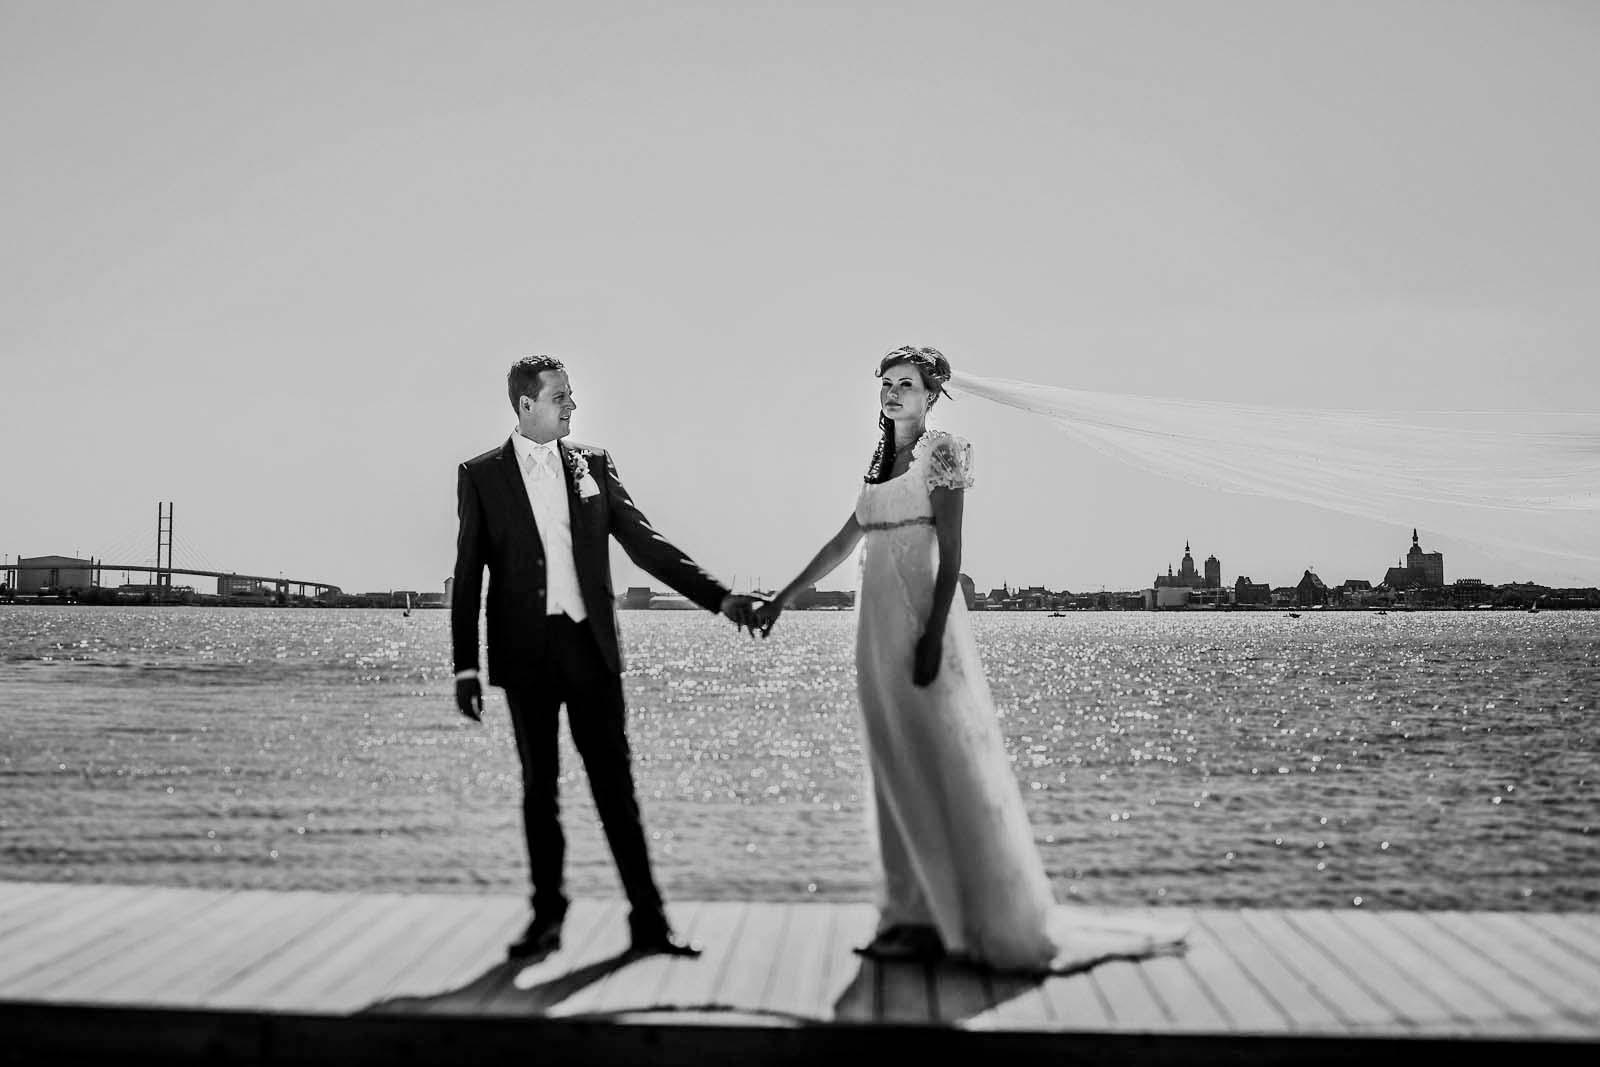 Hochzeitsfotograf Stralsund Hochzeitsportrait mit Skyline Copyright by Hochzeitsfotograf www.berliner-hochzeitsfotografie.de